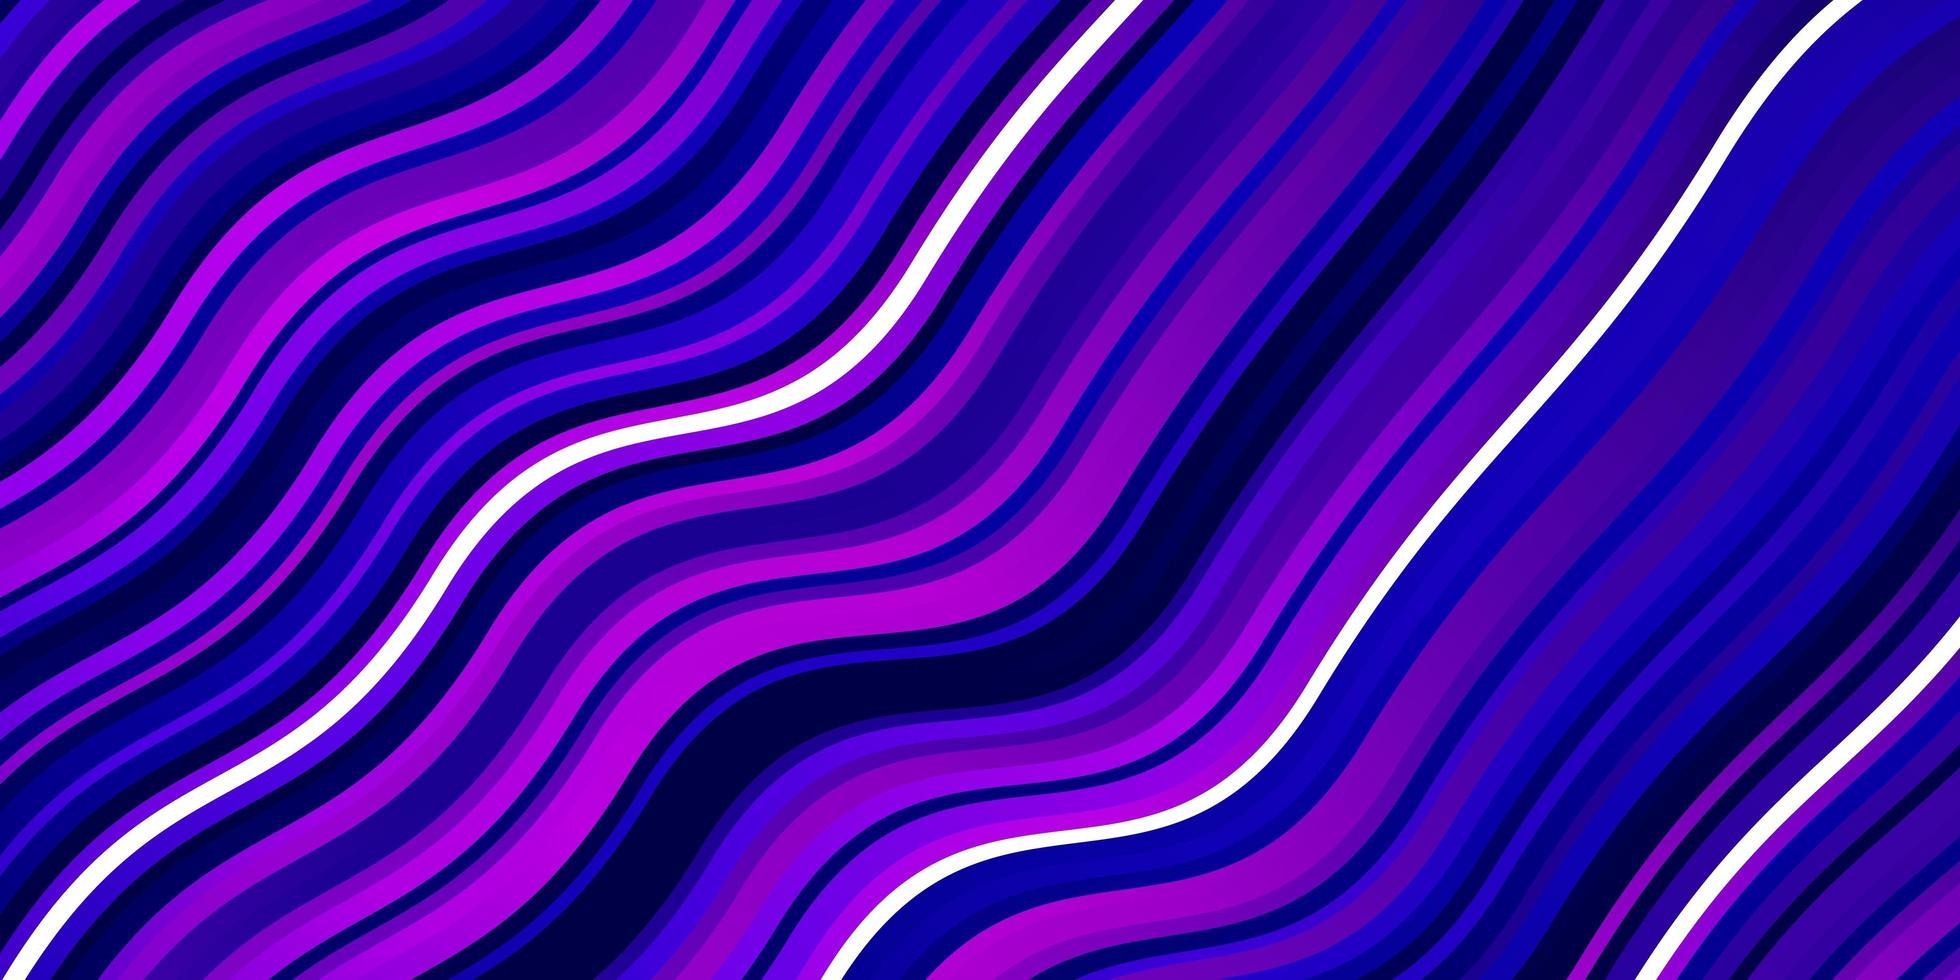 lichtroze, blauw vector sjabloon met gebogen lijnen.